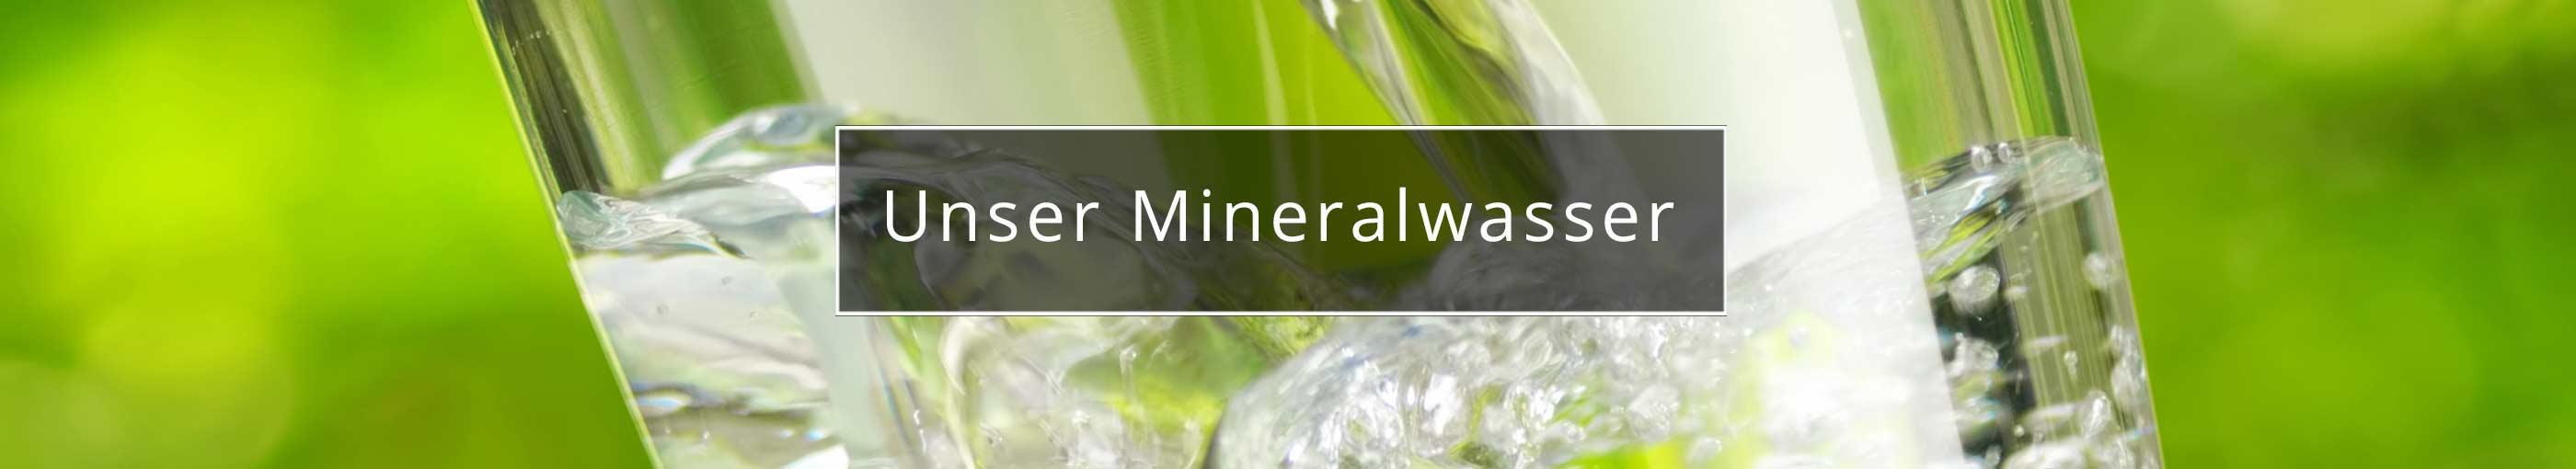 Header-Bild: Unser Mineralwasser